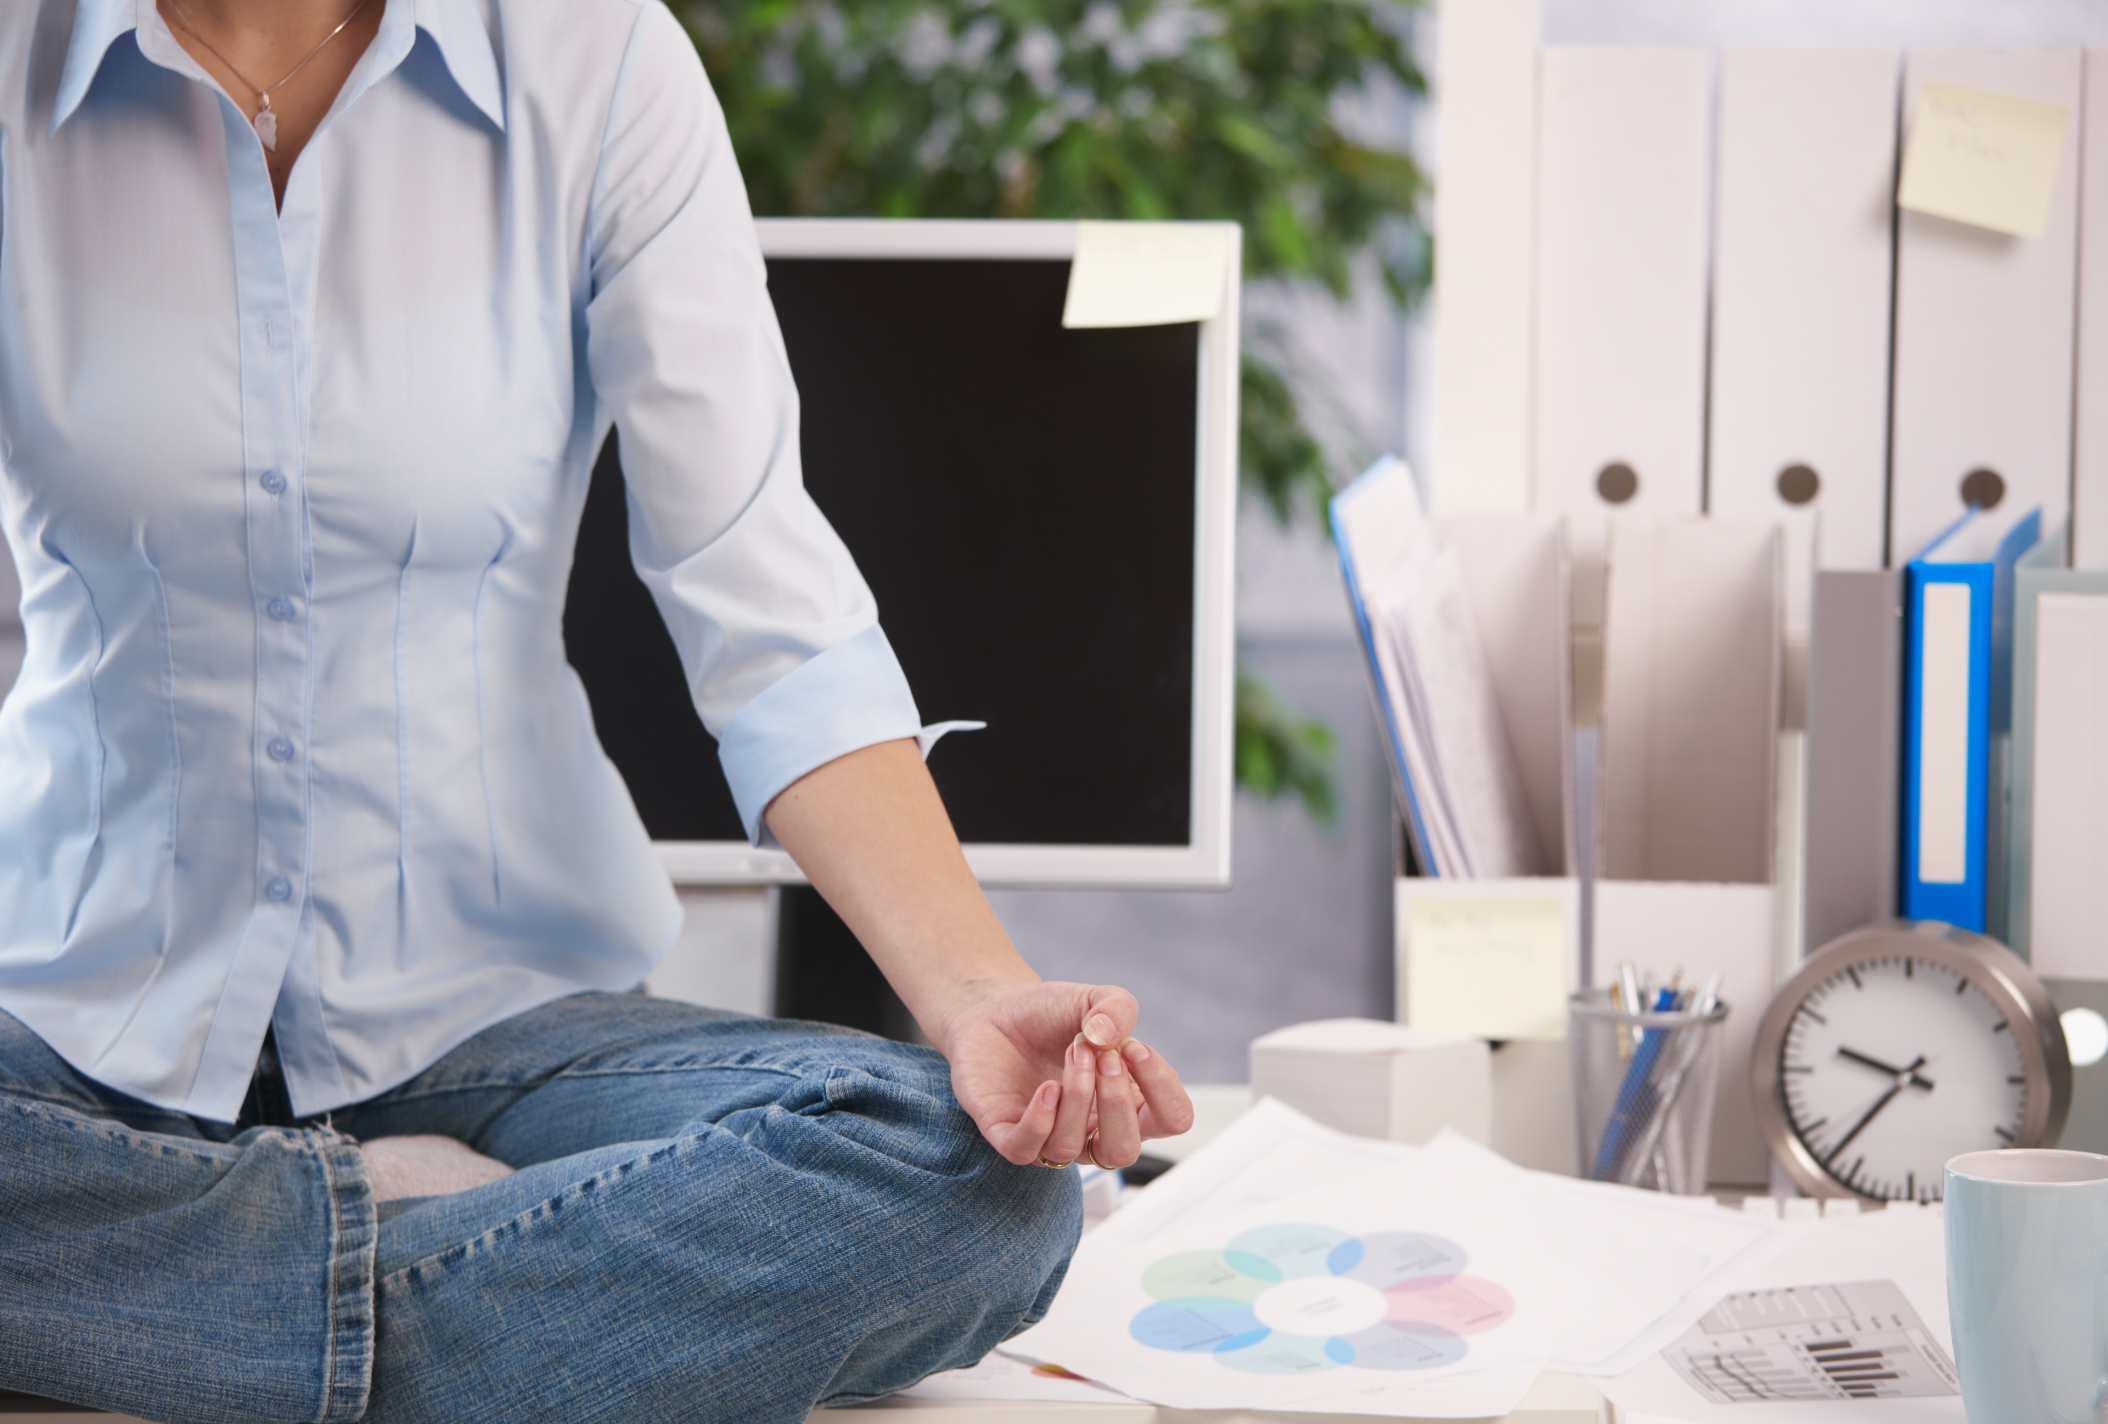 Meditating on a desk